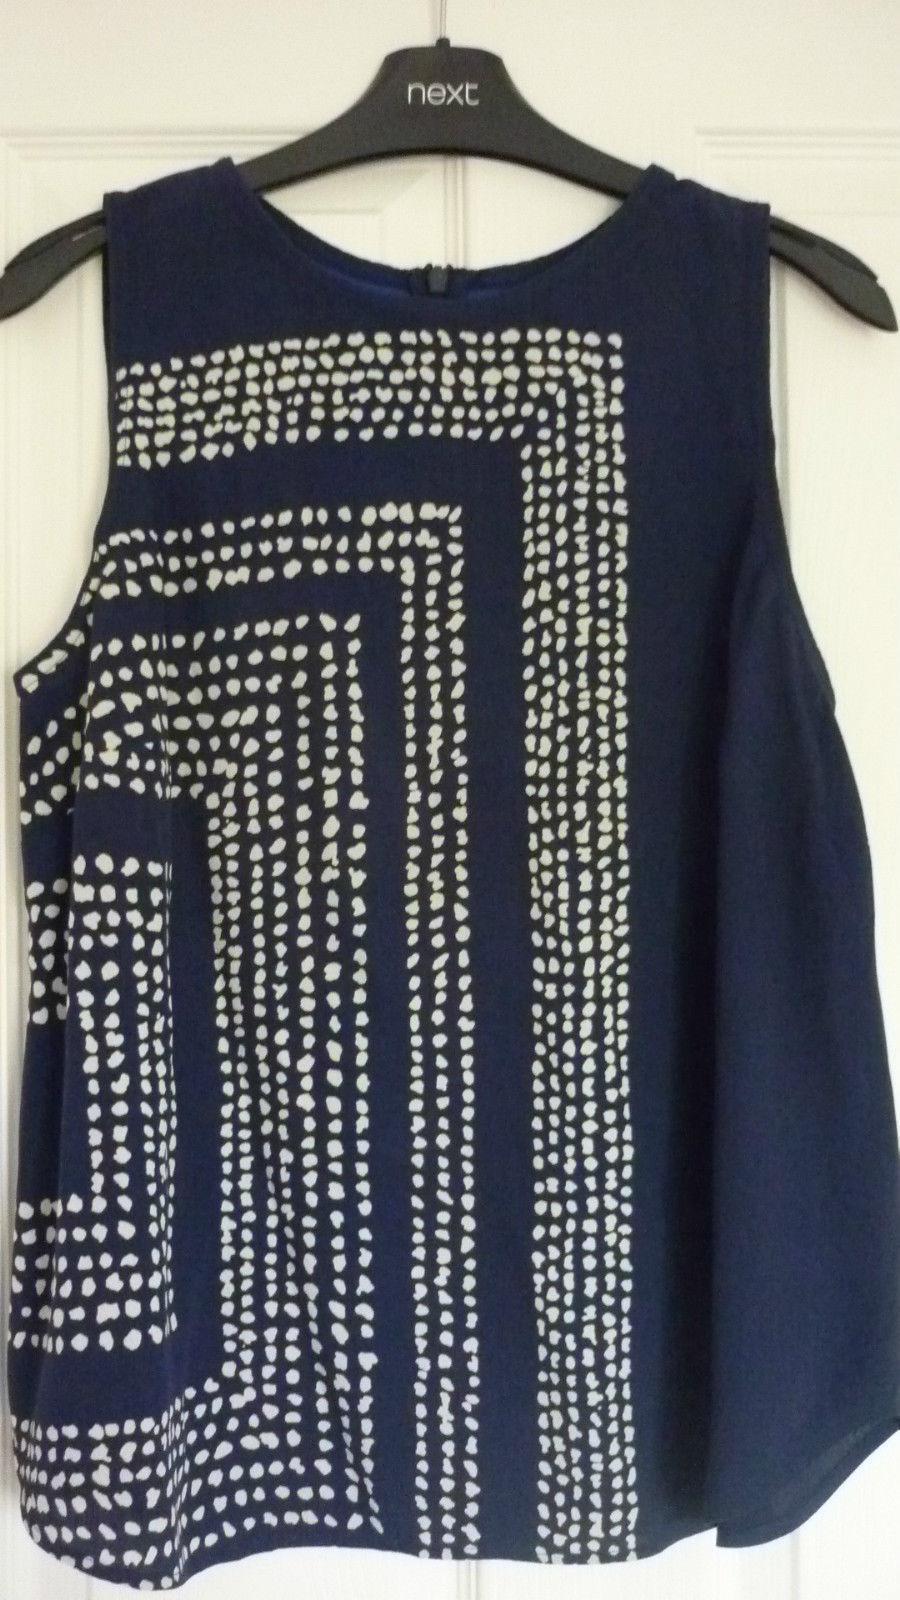 Топ синий Boden 44 46 блузка 89036637918 купить 1